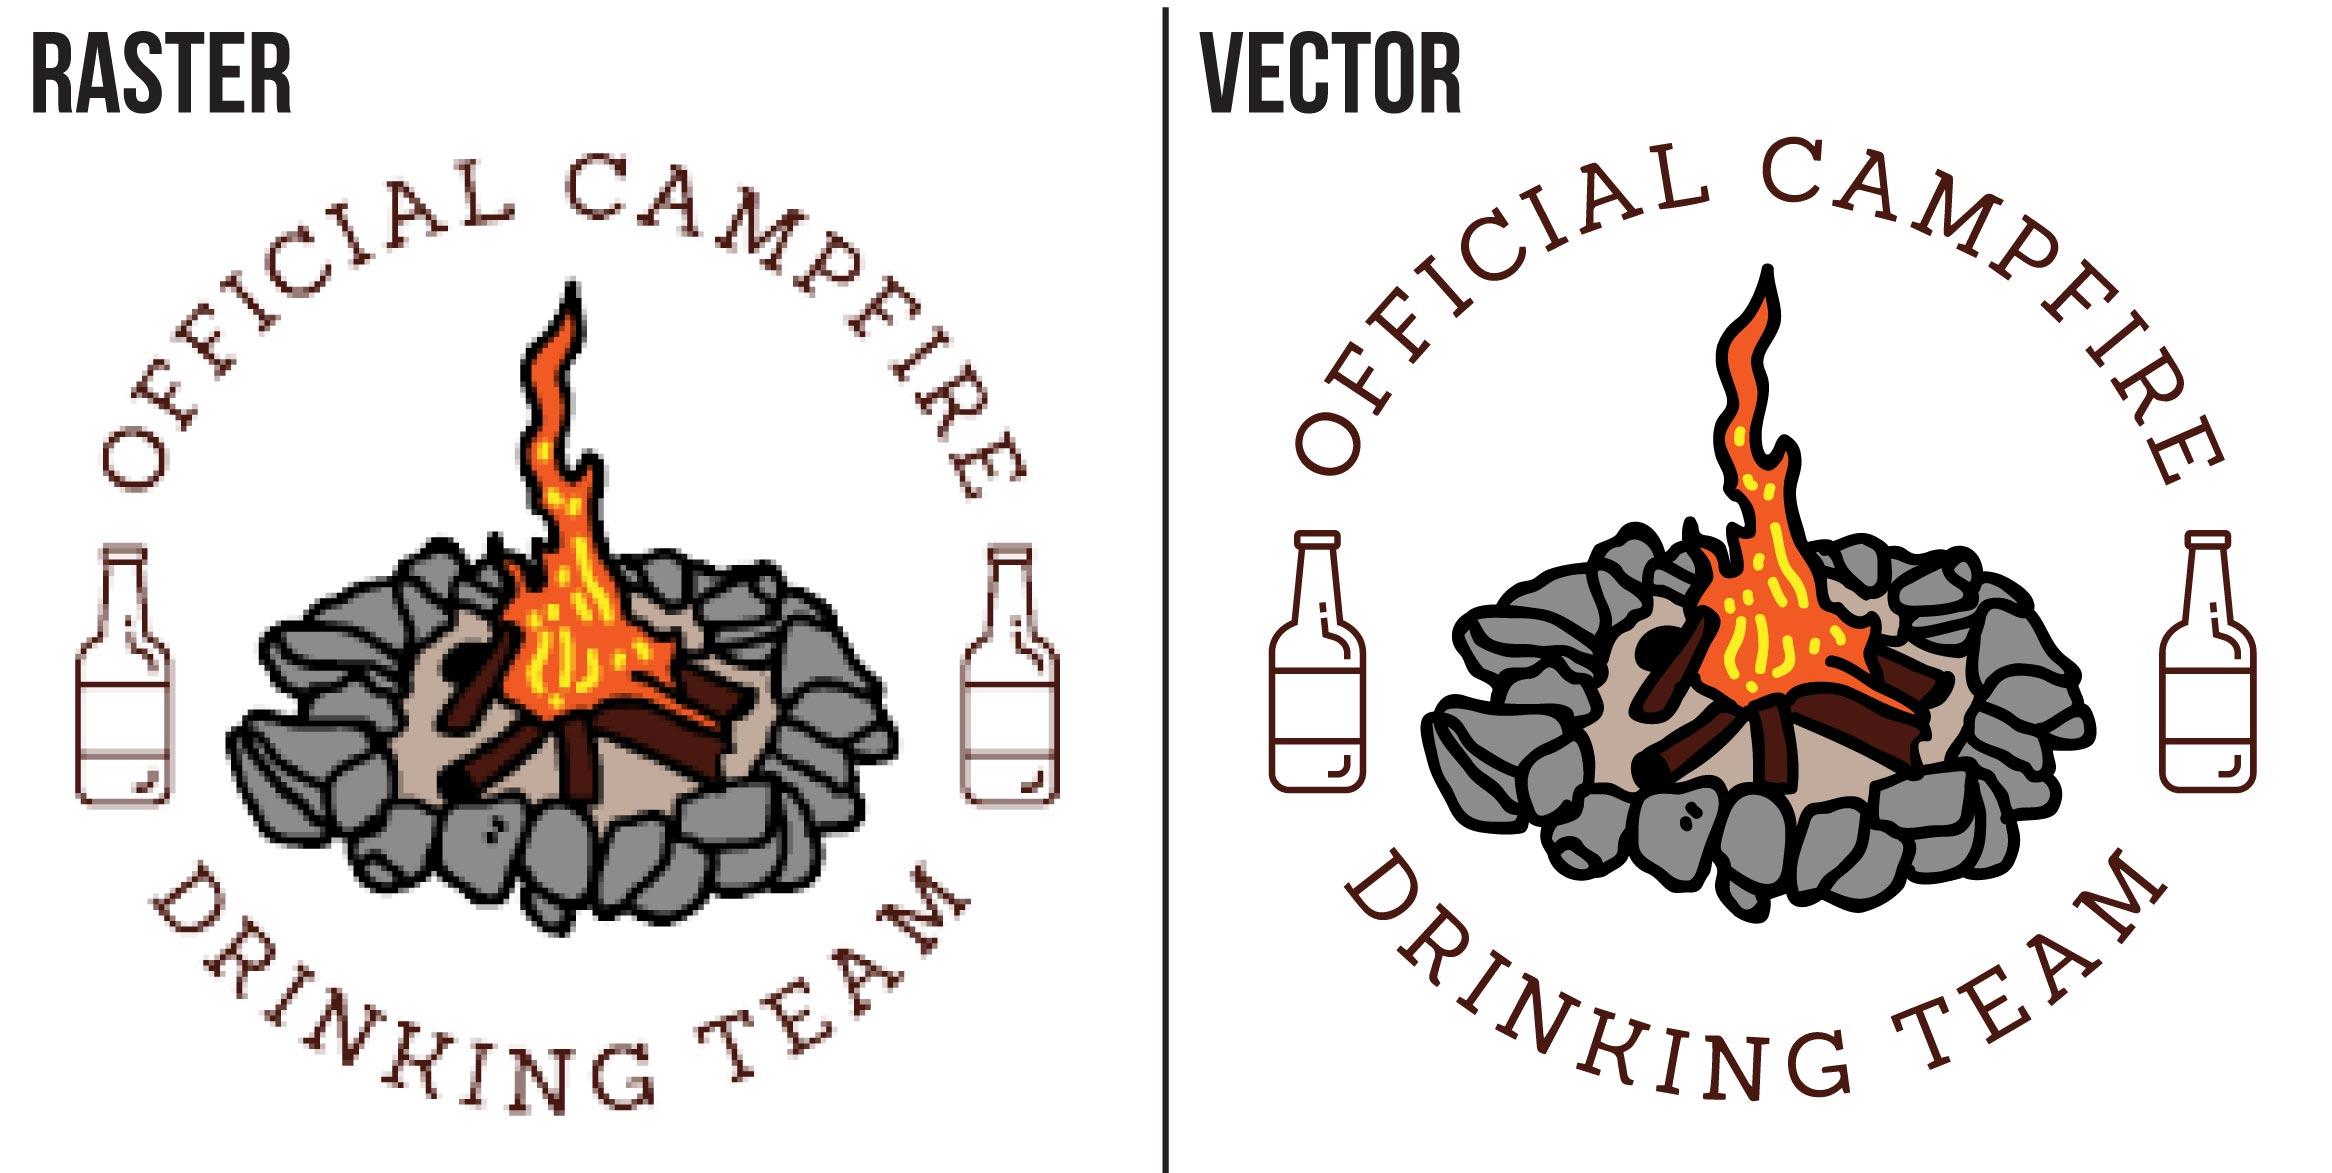 Vector redraw